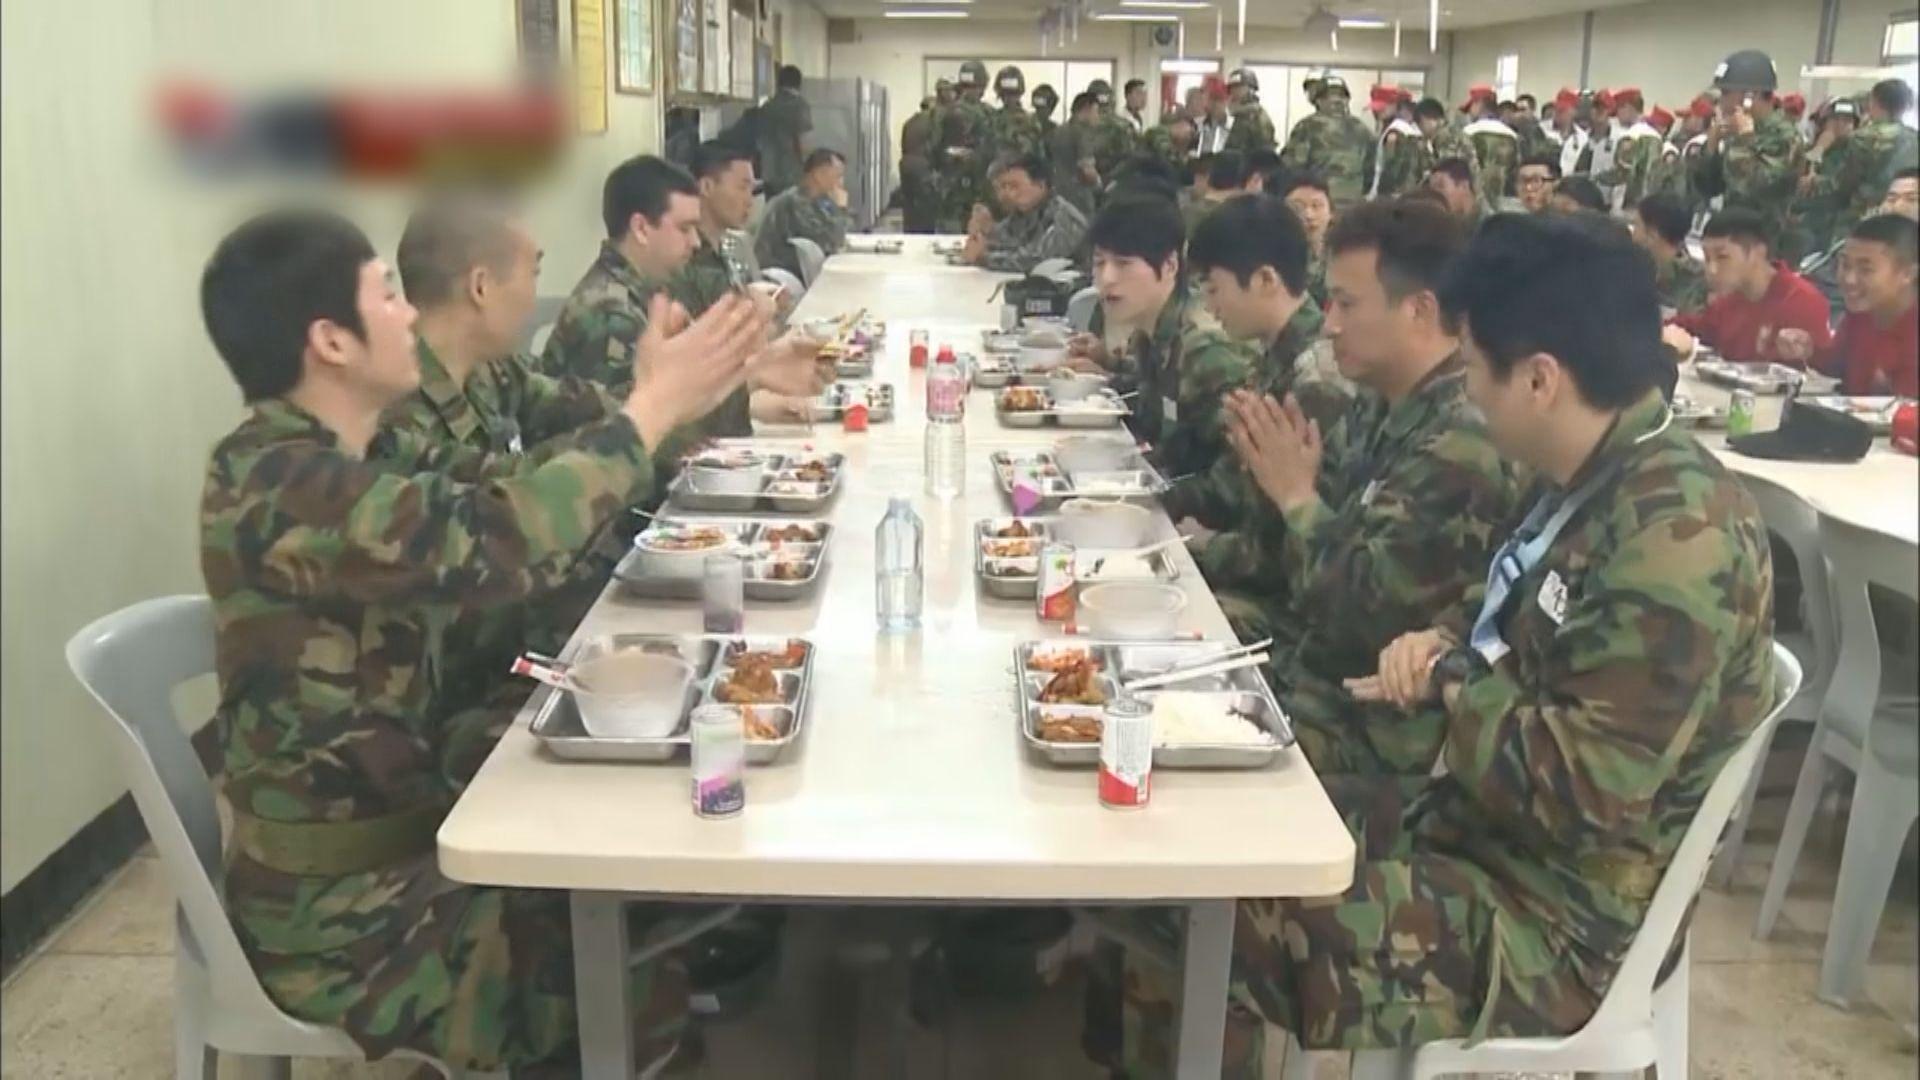 【環球薈報】韓軍伙食將新增多種新菜式